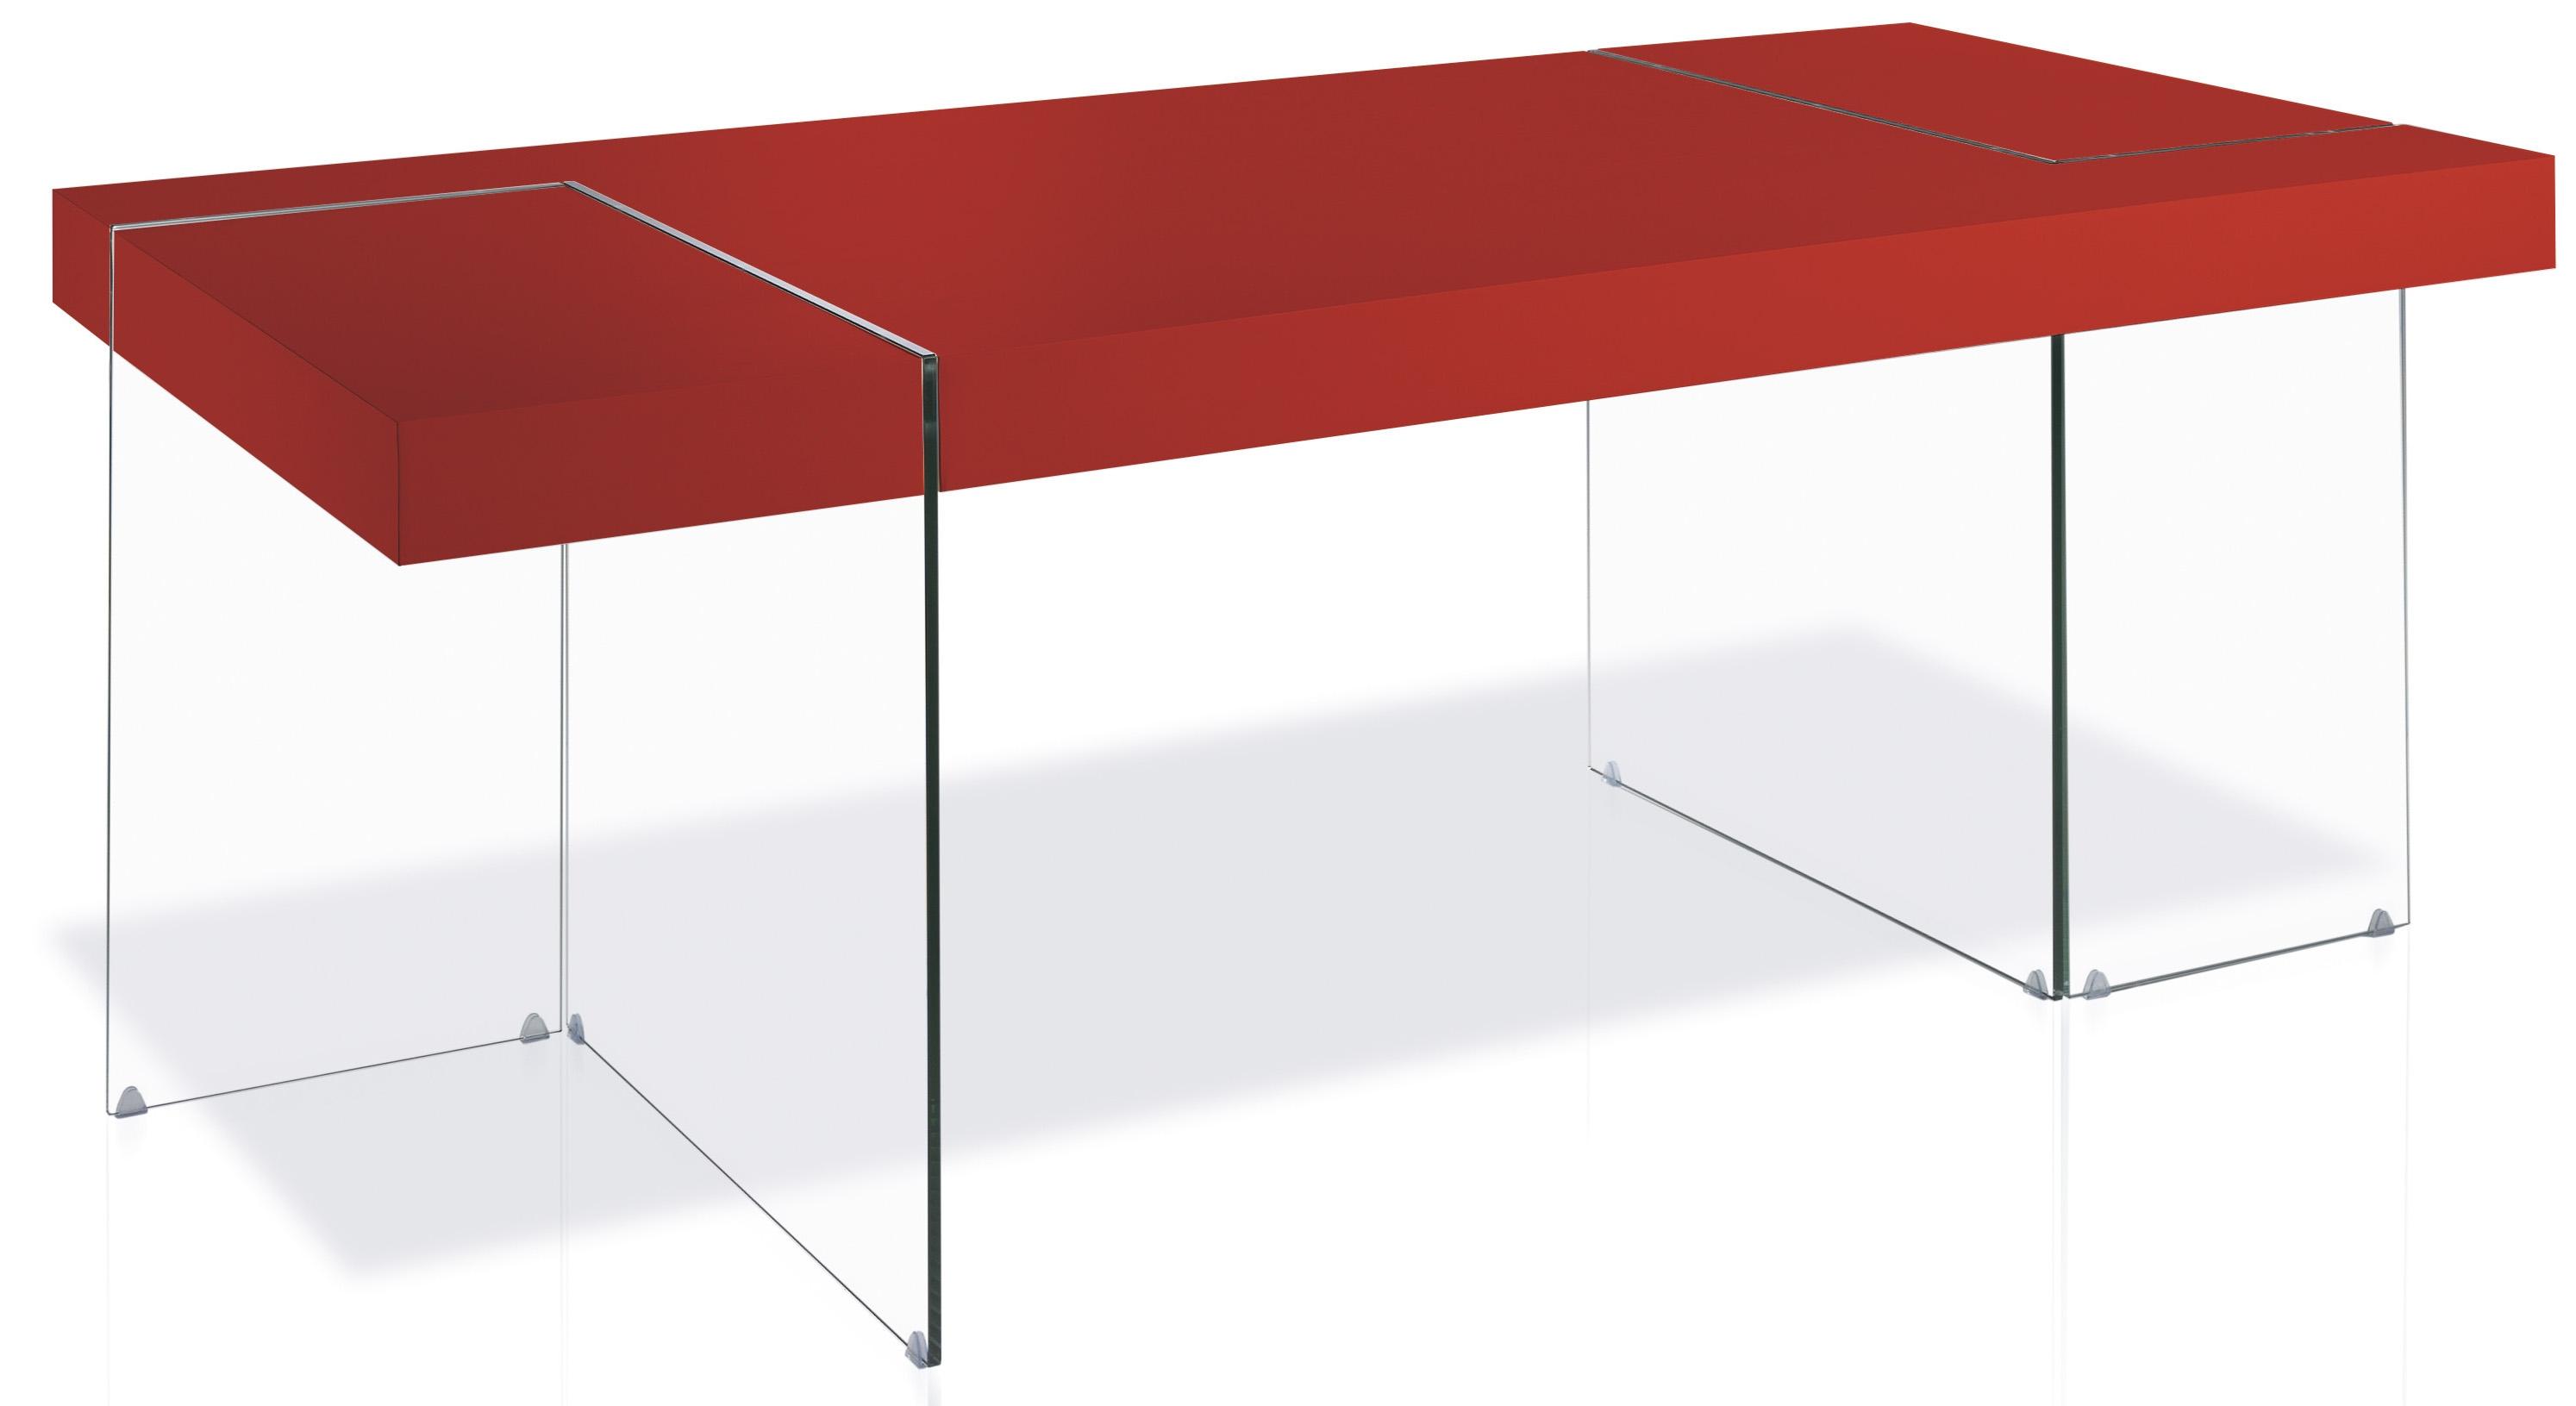 Table rectangulaire design rouge cubique - Table rectangulaire design ...